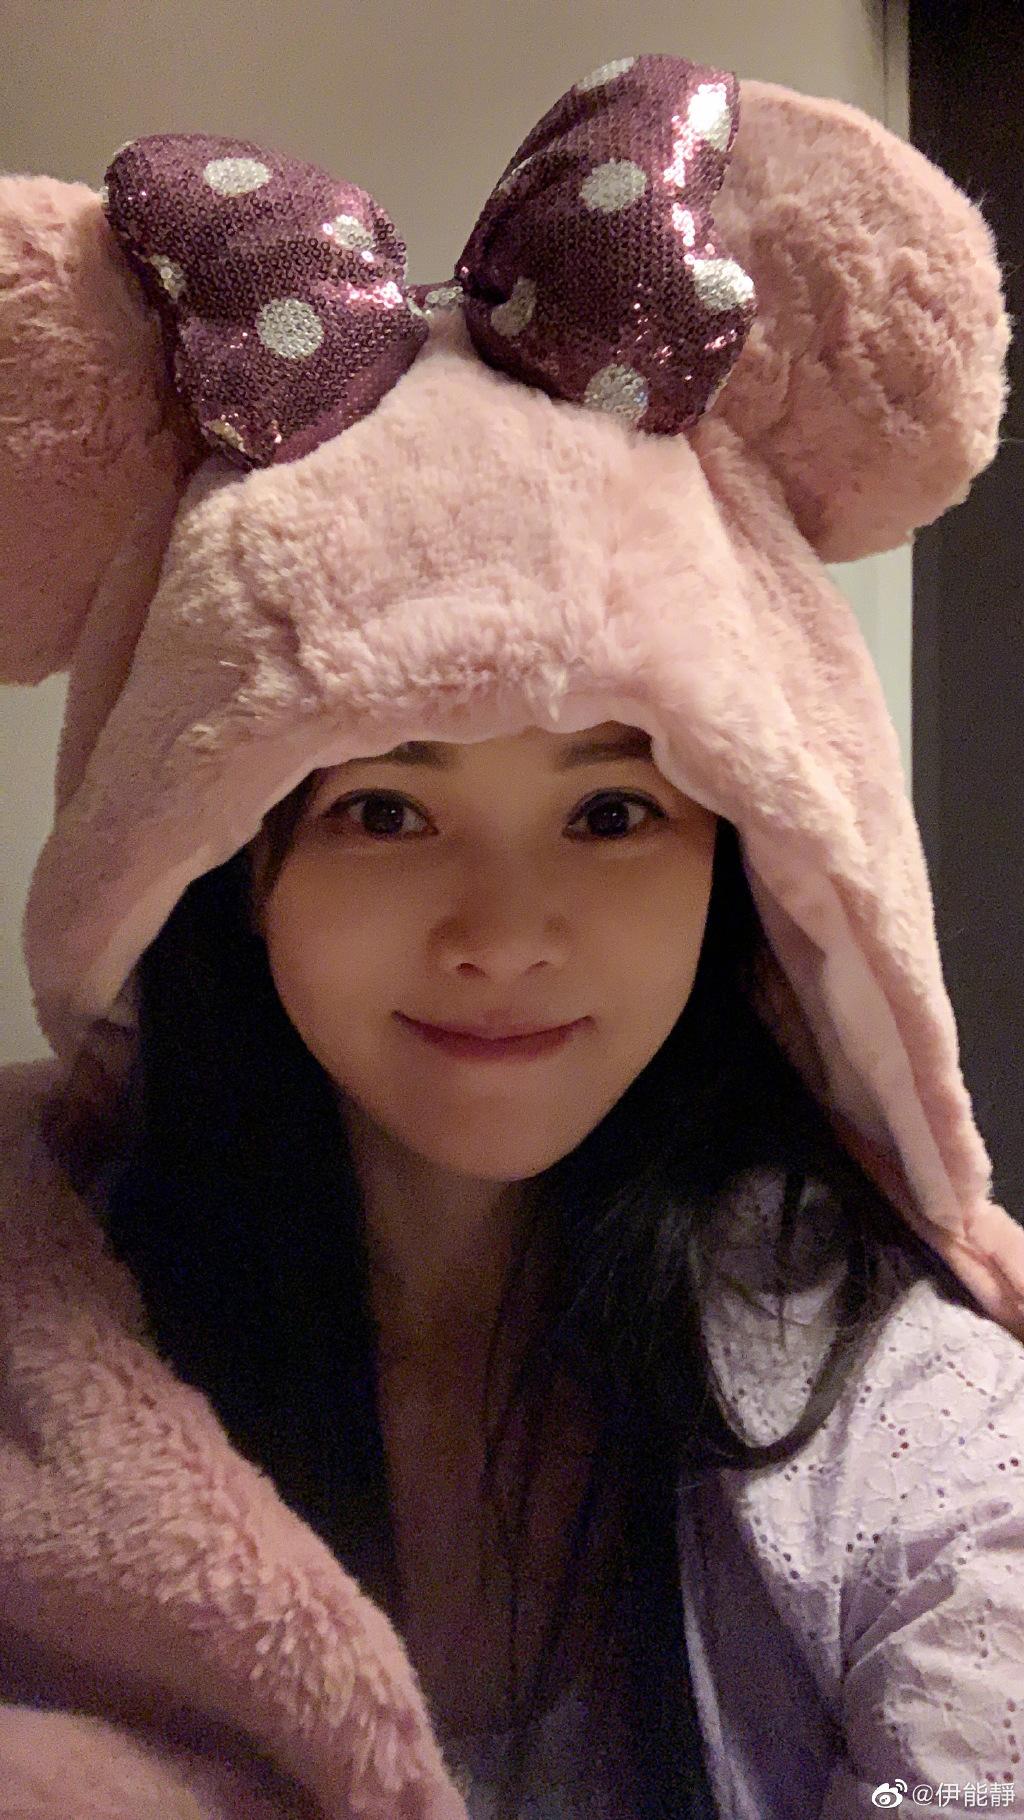 Chân dung Yi Nengjing, cô gái vừa chốt 900 đơn hàng trong ngày lễ độc thân 11/11.